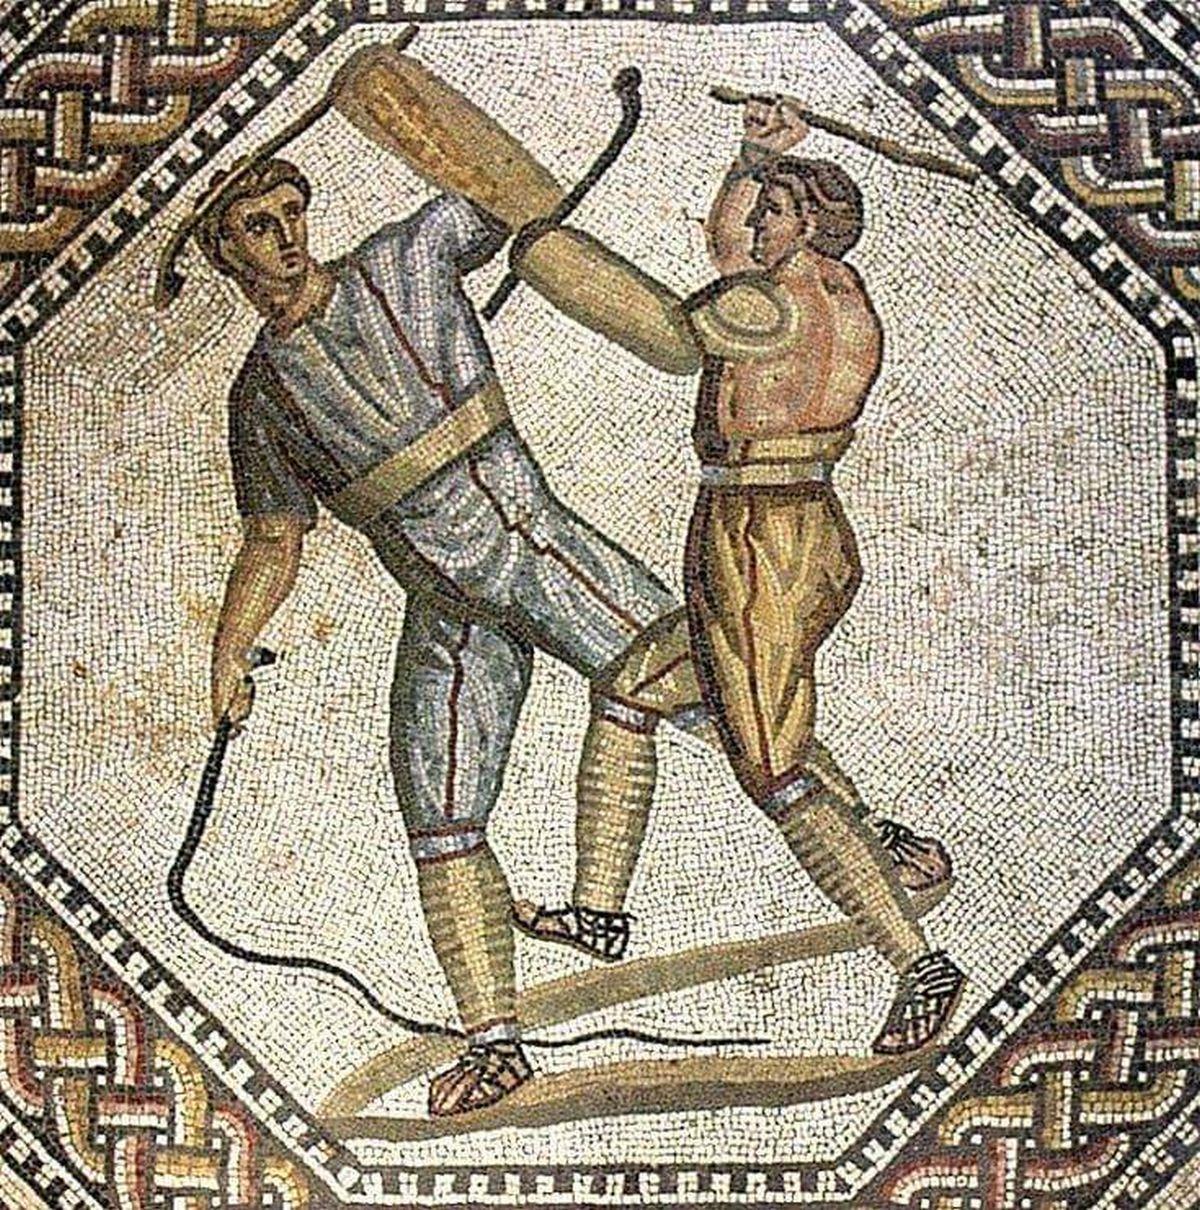 Rzymska mozaika ukazująca walkę gladiatorów